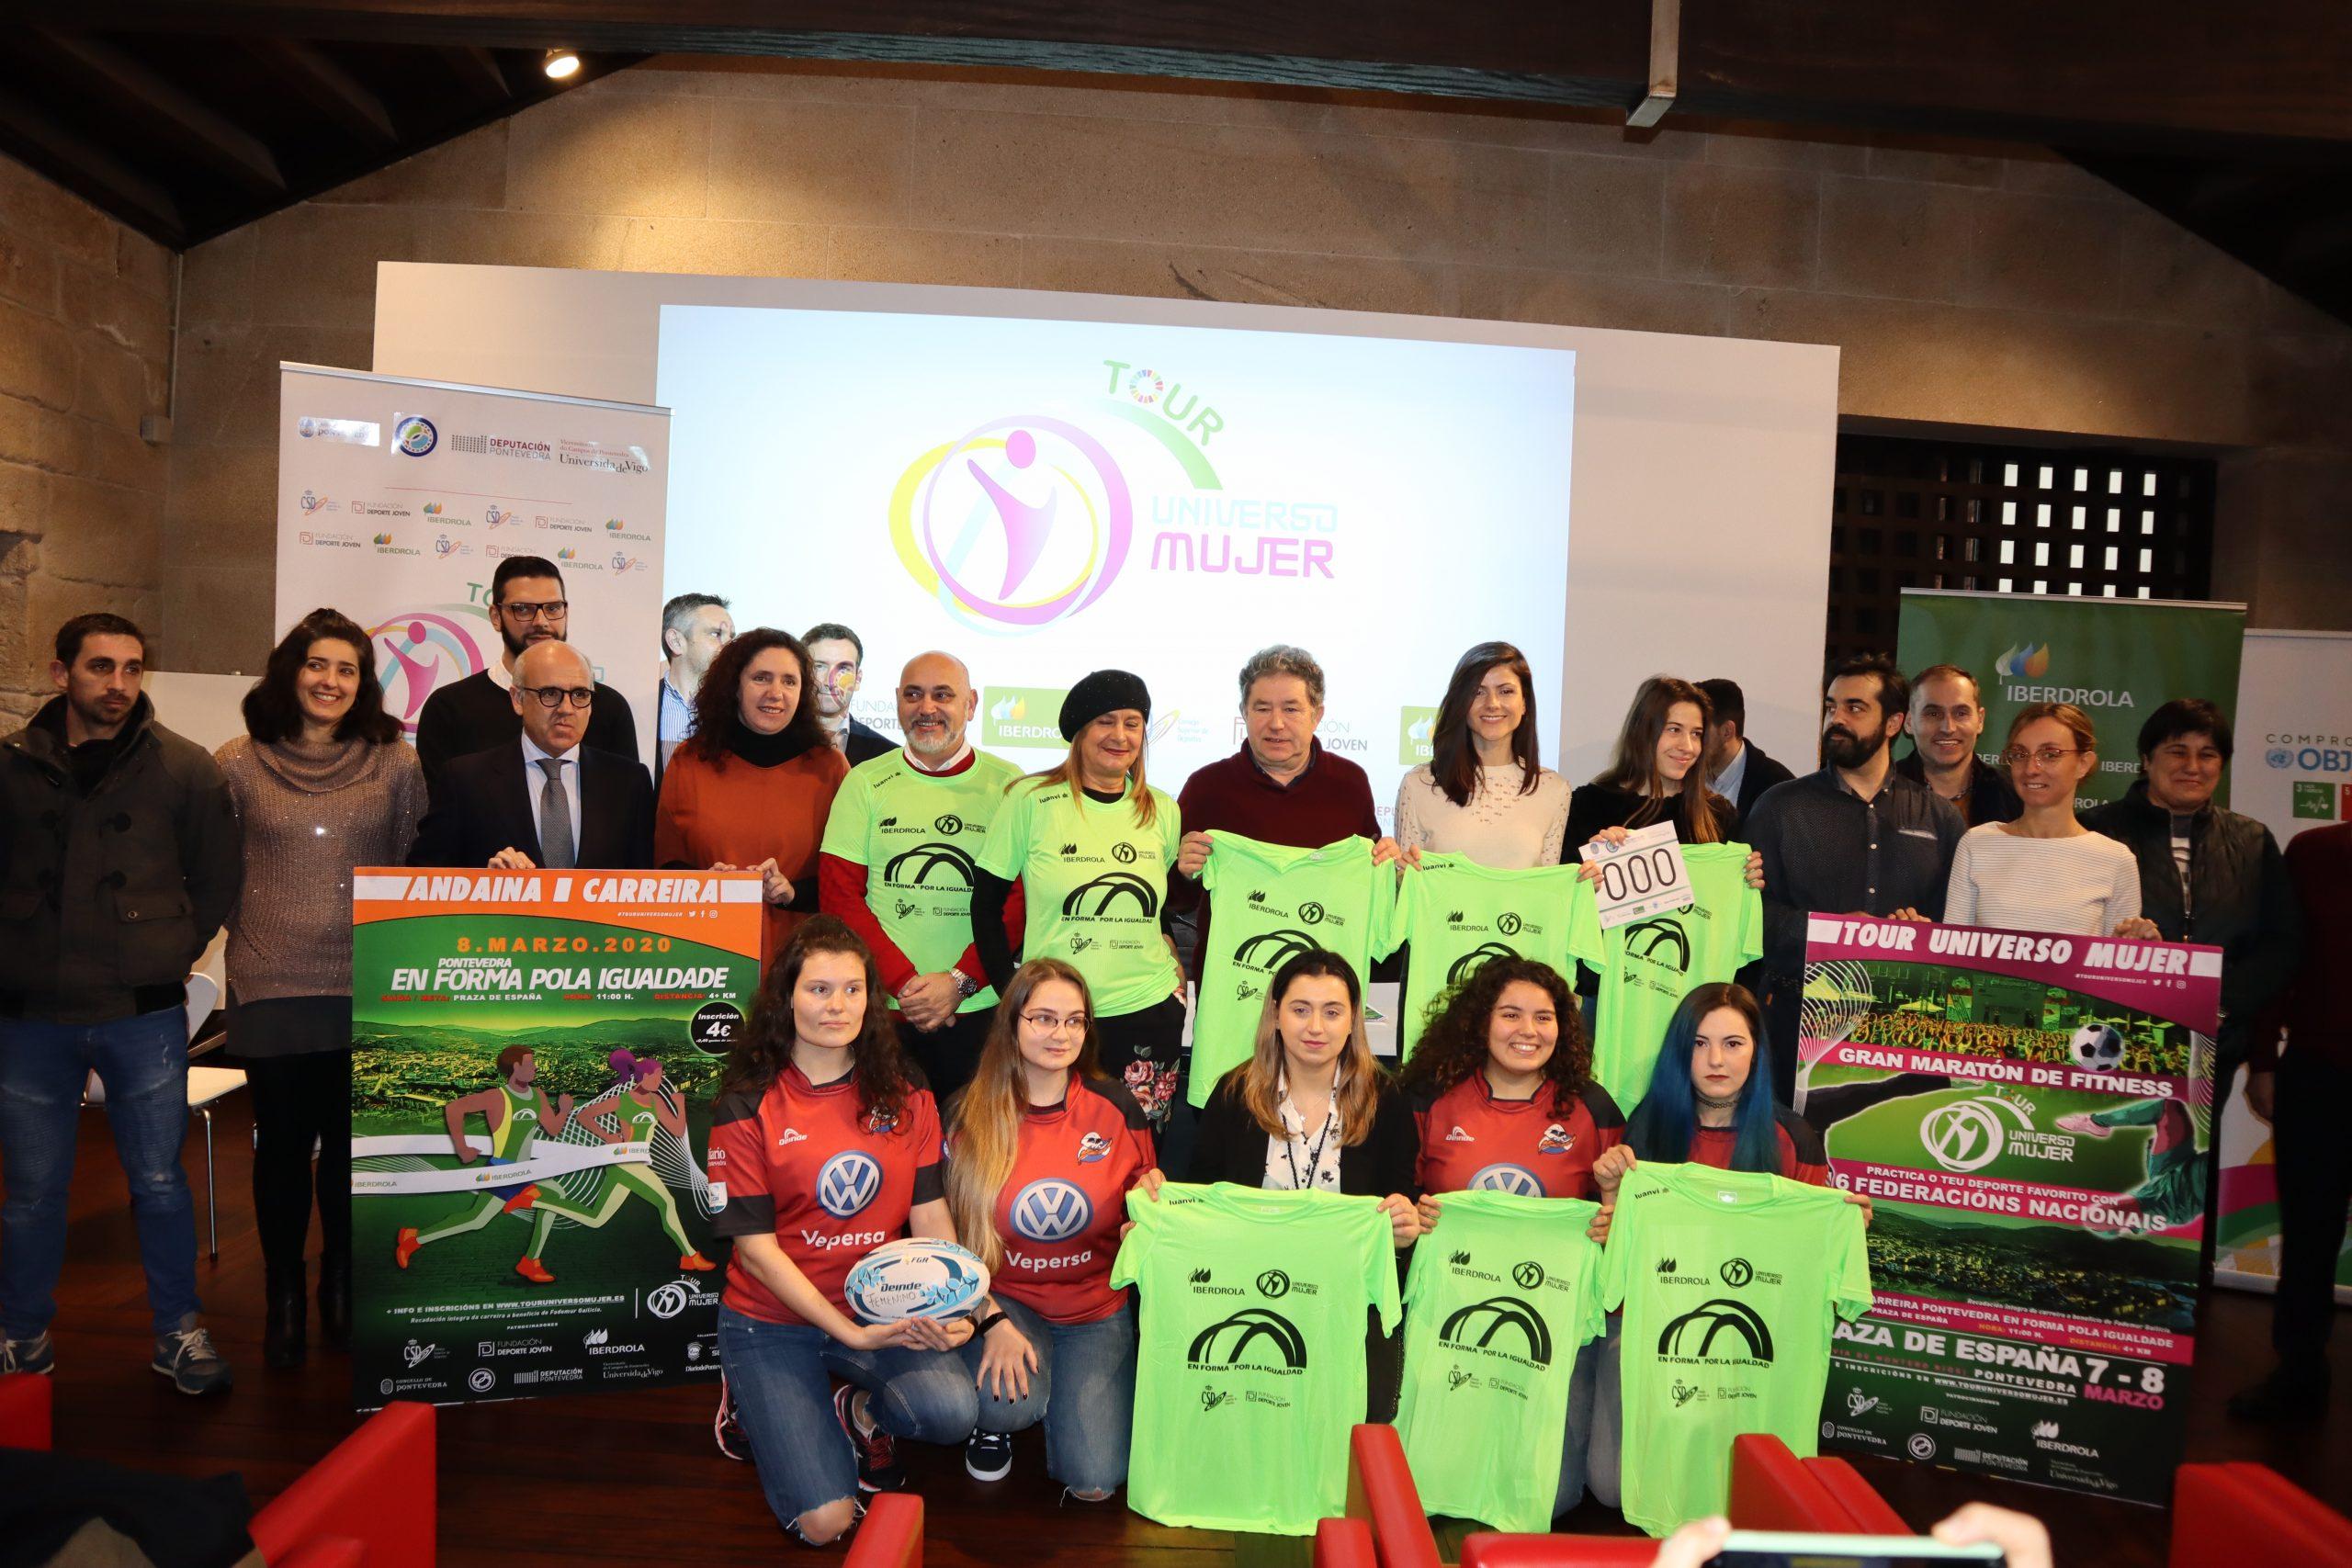 Pontevedra, capital española del deporte femenino de la mano del Tour Universo Mujer